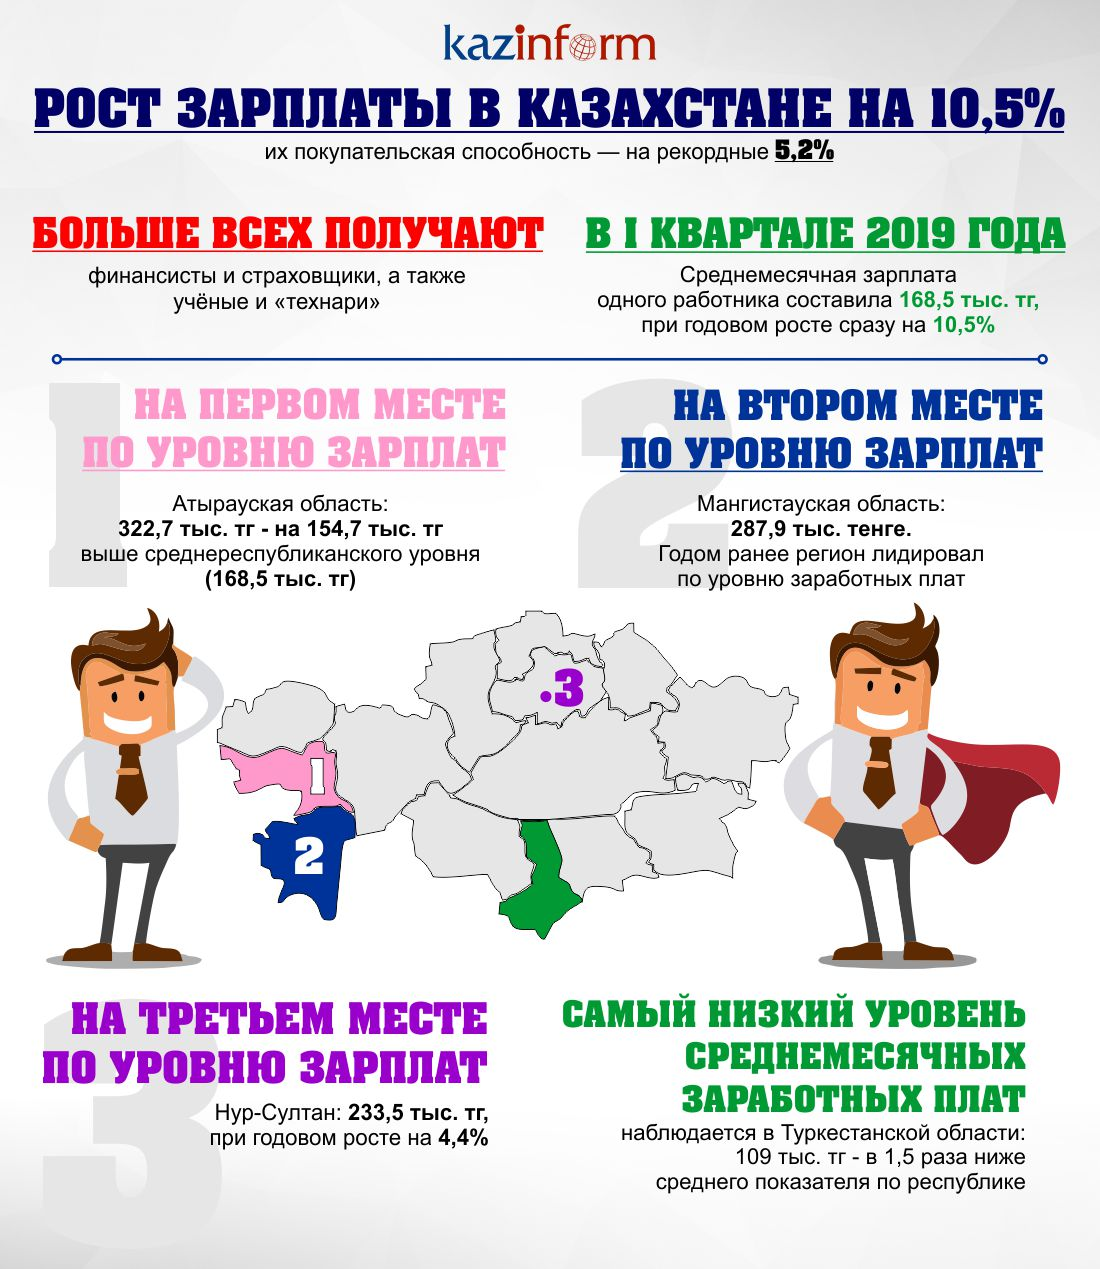 Зарплаты в Казахстане выросли на 10,5%